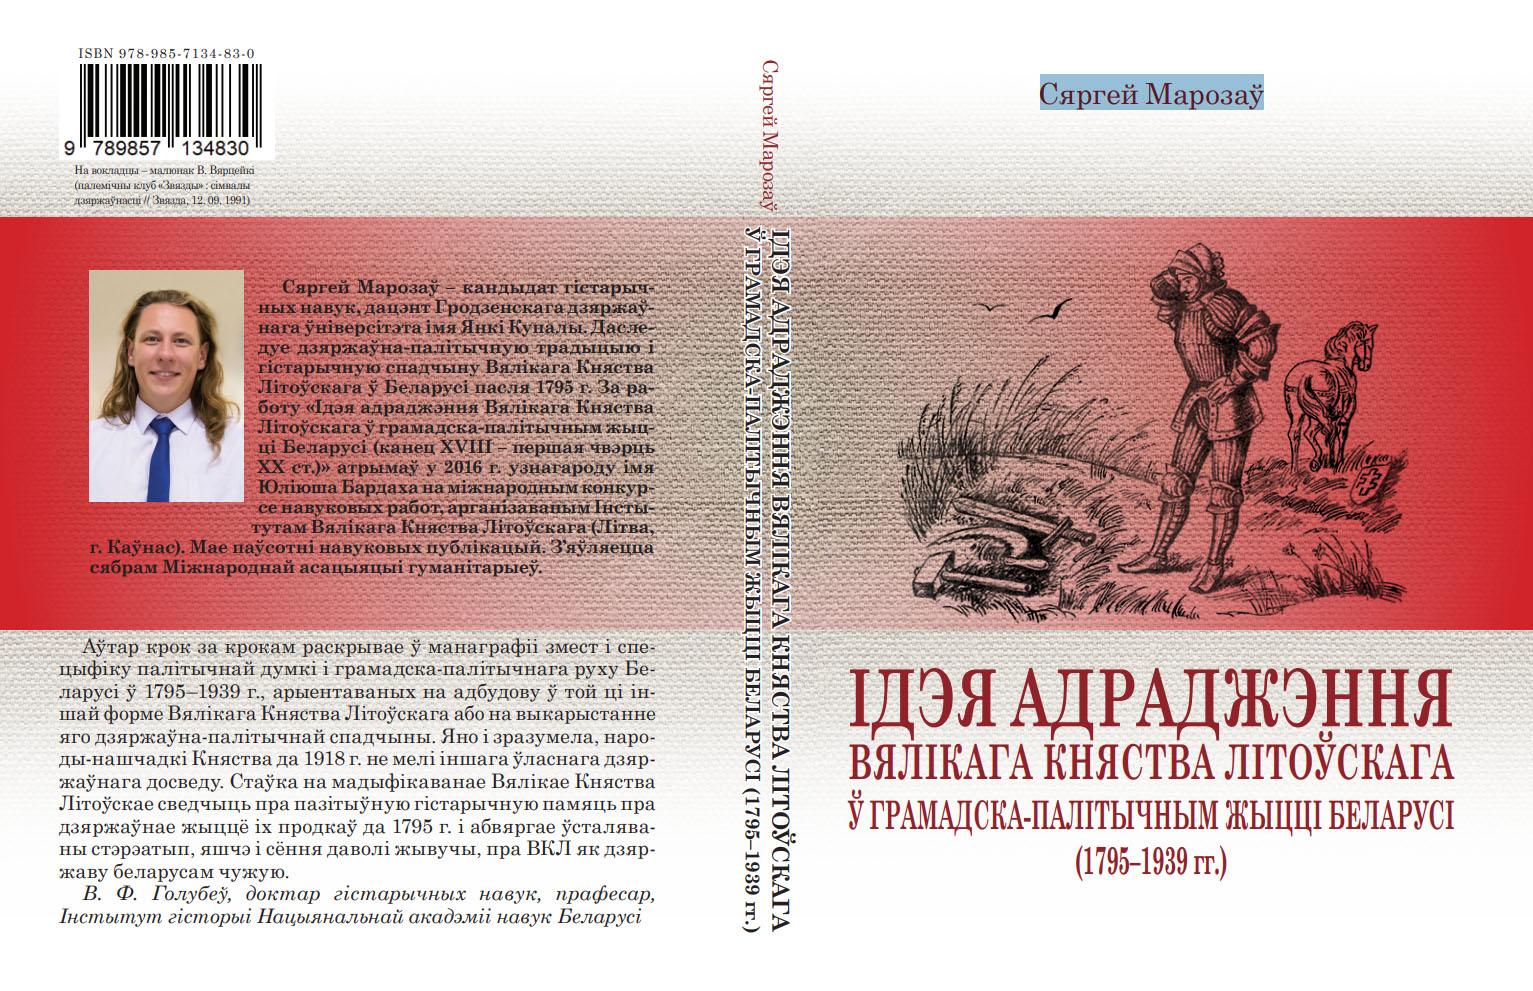 Сяргей Марозаў «ІДЭЯ АДРАДЖЭННЯ ВЯЛІКАГА КНЯСТВА ЛІТОЎСКАГА Ў ГРАМАДСКА-ПАЛІТЫЧНЫМ ЖЫЦЦІ БЕЛАРУСІ (1795–1939 гг.)»